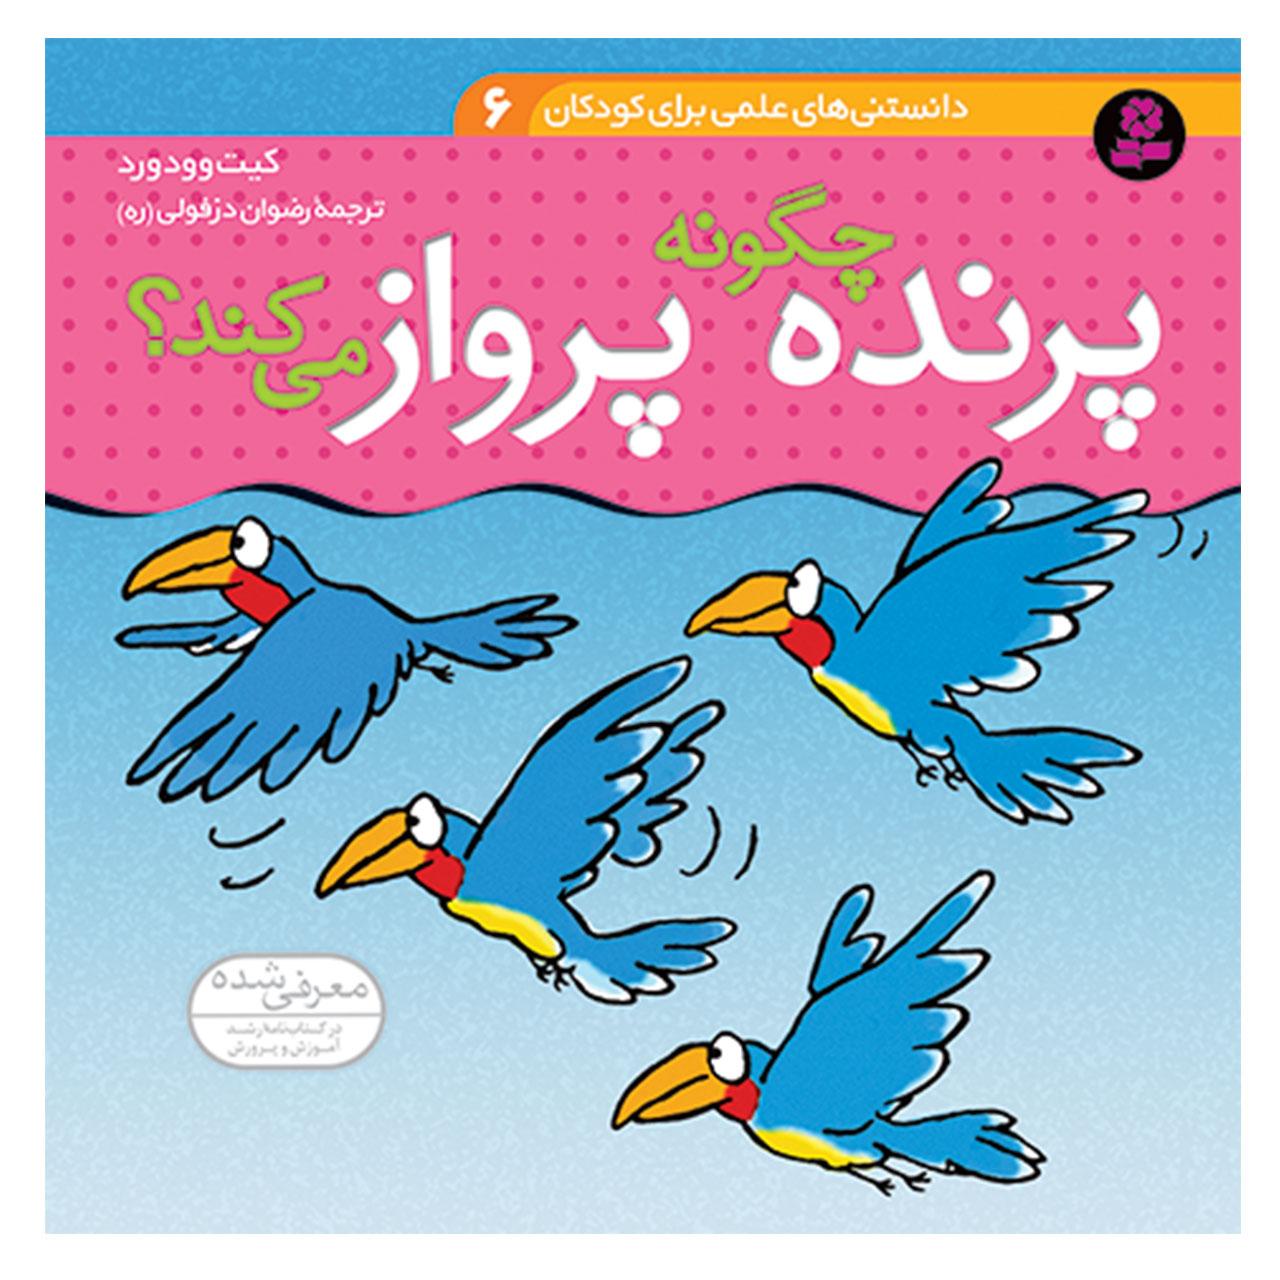 خرید                      کتاب دانستنی های علمی برای کودکان 6 پرنده چگونه پرواز می کند ؟ اثر کیت وودورد انتشارات قدیانی